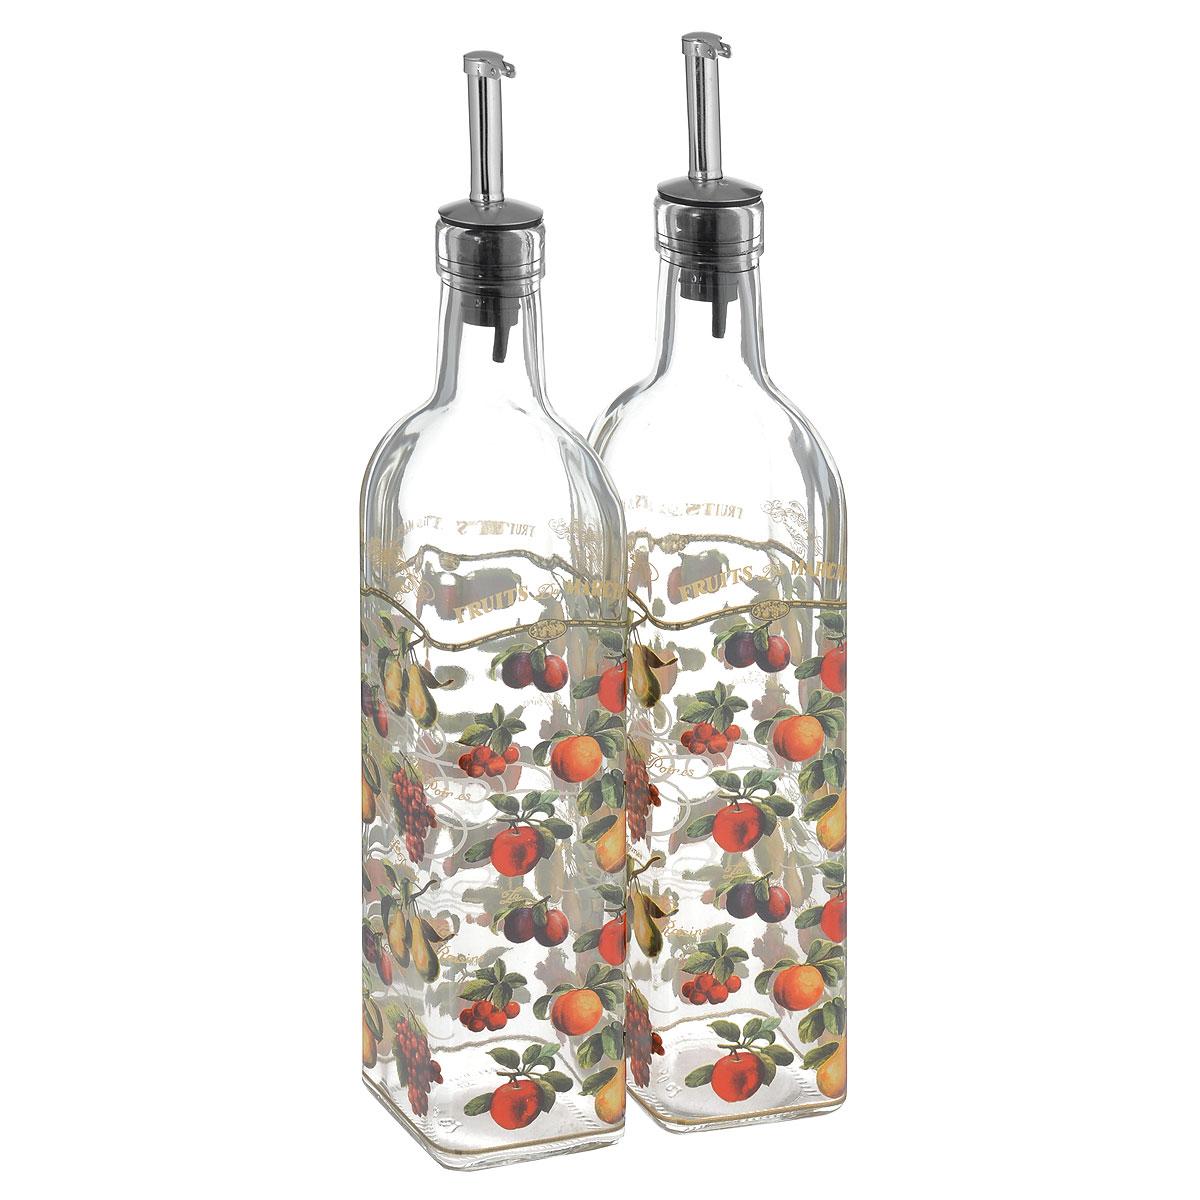 Набор емкостей для масла и уксуса Sinoglass Фрукты, 500 мл, 2 штVT-1520(SR)Набор Sinoglass состоит из двух емкостей для масла и уксуса. Изделия выполнены из высококачественного стекла и оформлены красочным изображением ягод и фруктов. Емкости оснащены специальными металлическими дозаторами, которые позволят добавить точное количество масла или уксуса. Благодаря прозрачным стенкам, можно видеть содержимое емкостей. Такой набор стильно дополнит интерьер кухни и станет незаменимым помощником в приготовлении ваших любимых блюд.Высота емкостей: 31 см. Размер основания: 5,5 см х 5,5 см.